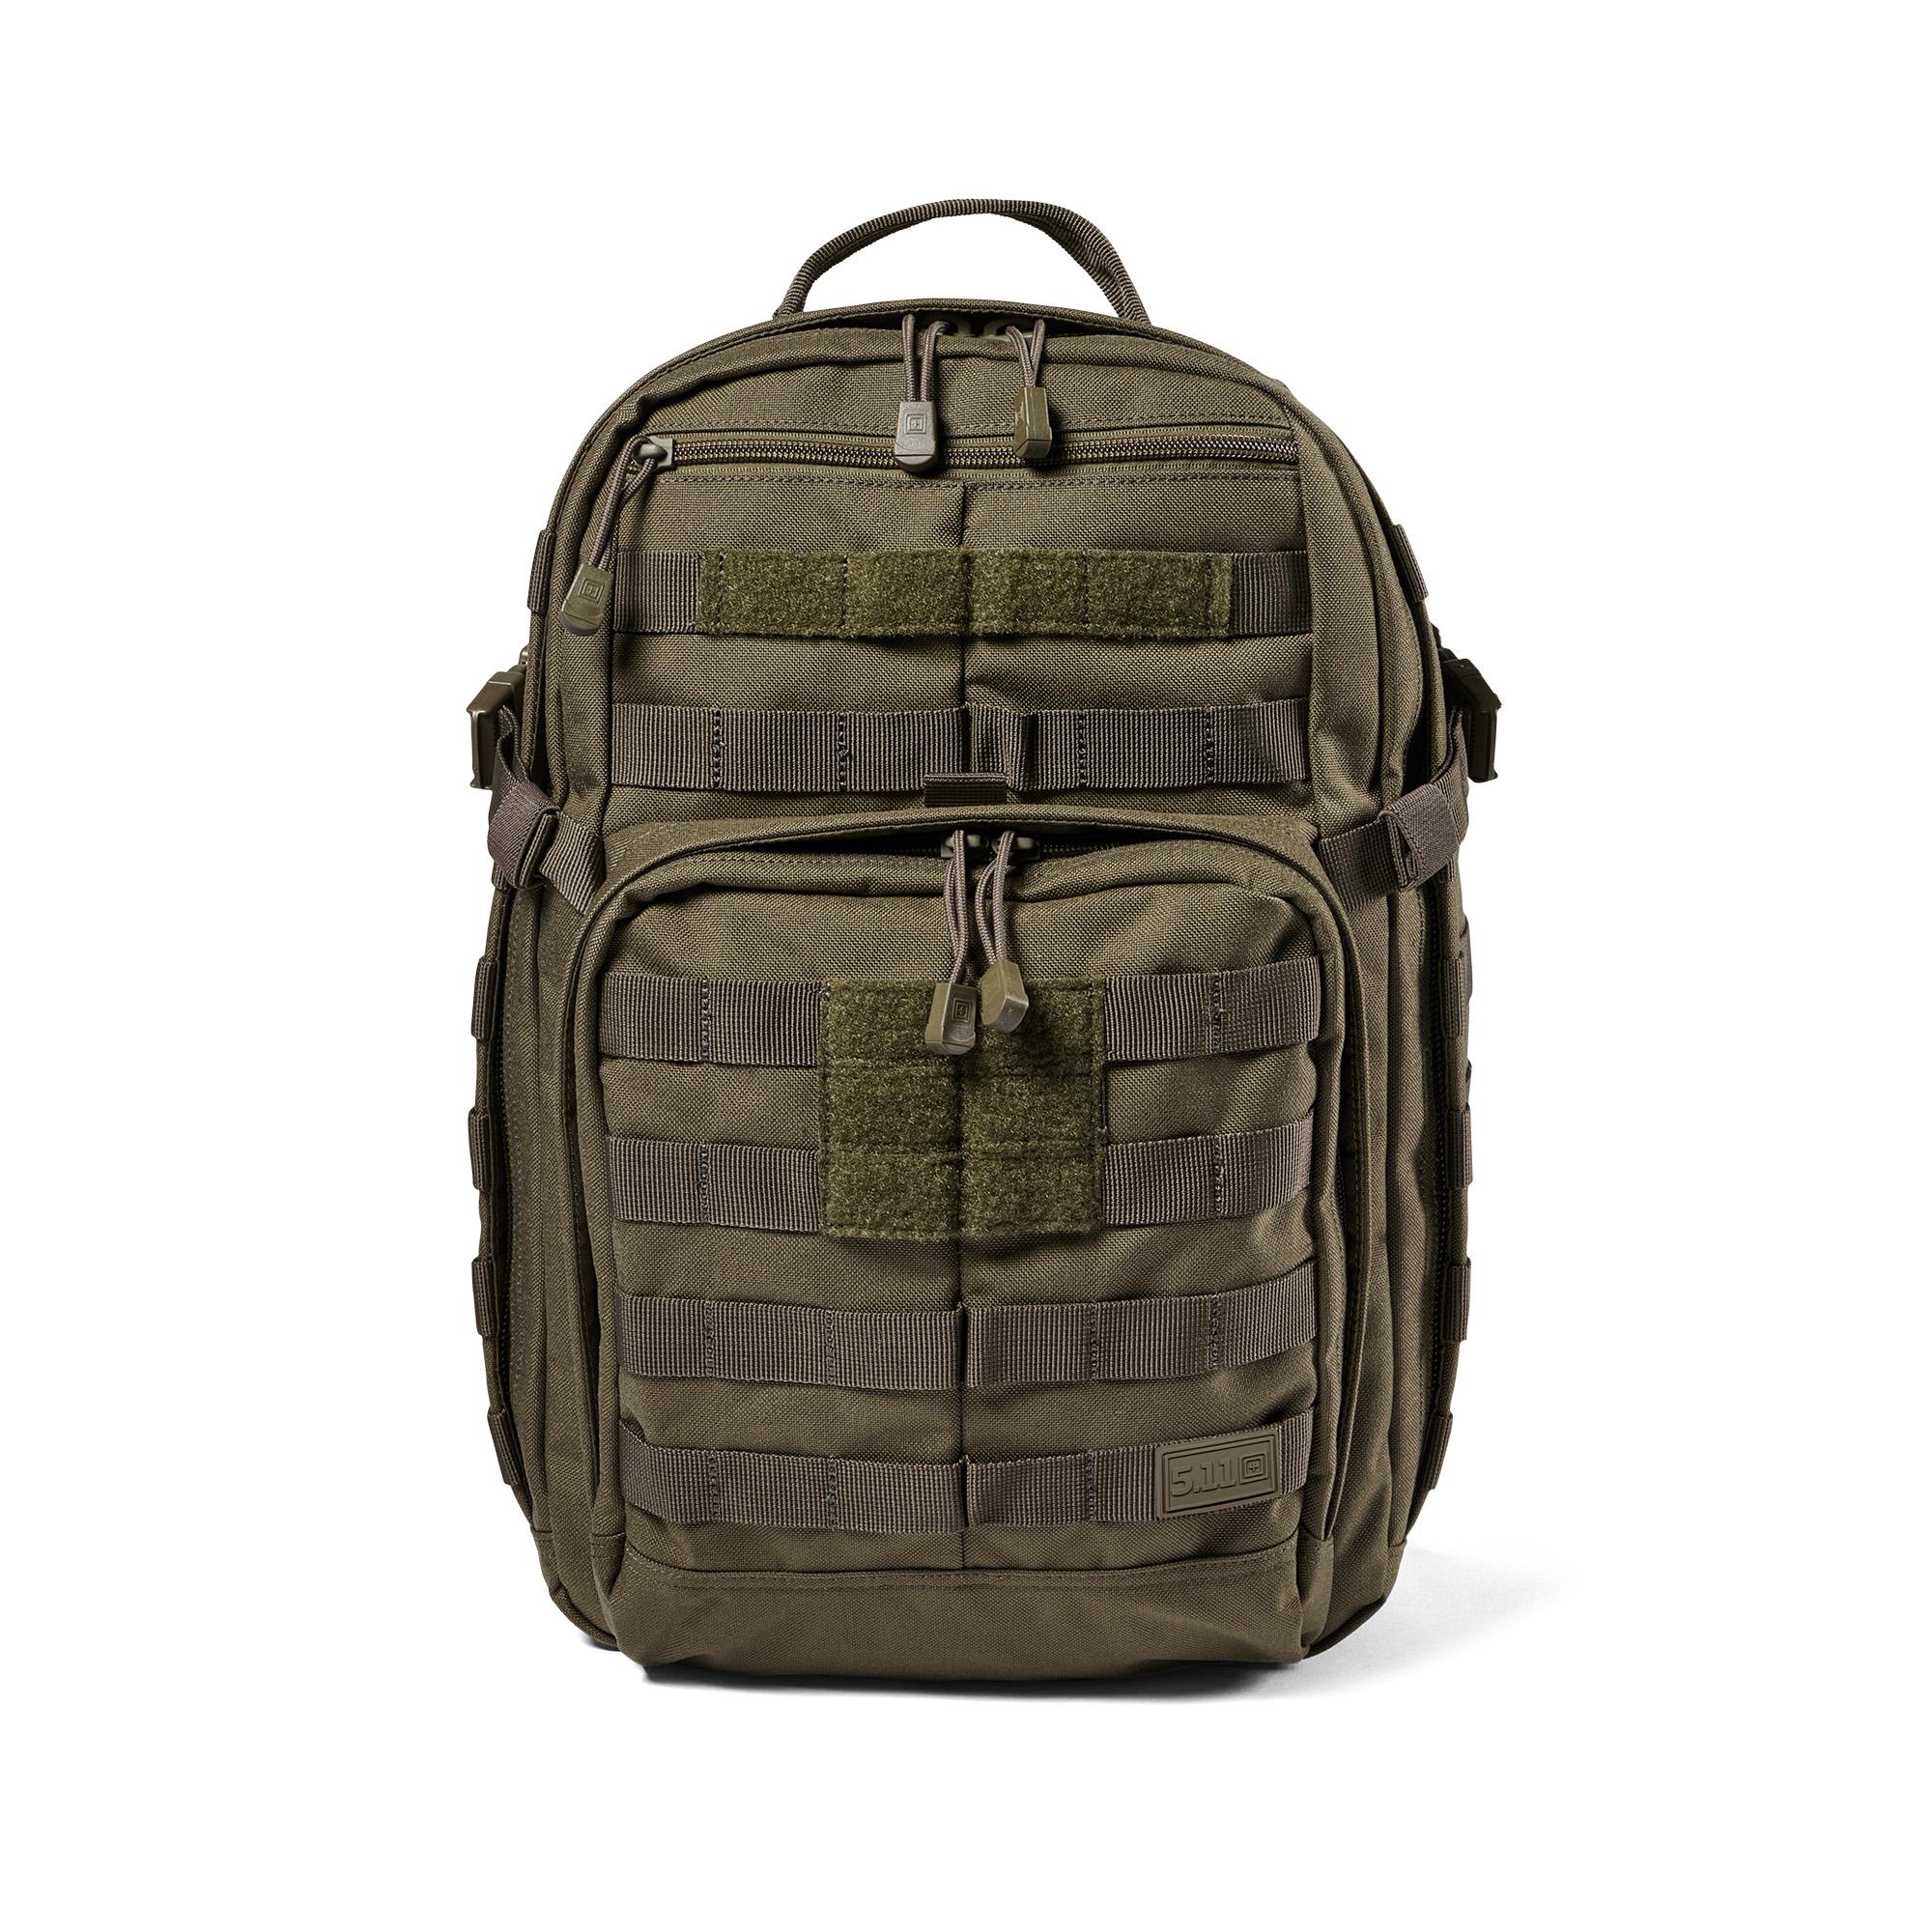 Balo 5.11 Tactical Rush 12 2.0 - Ranger Green